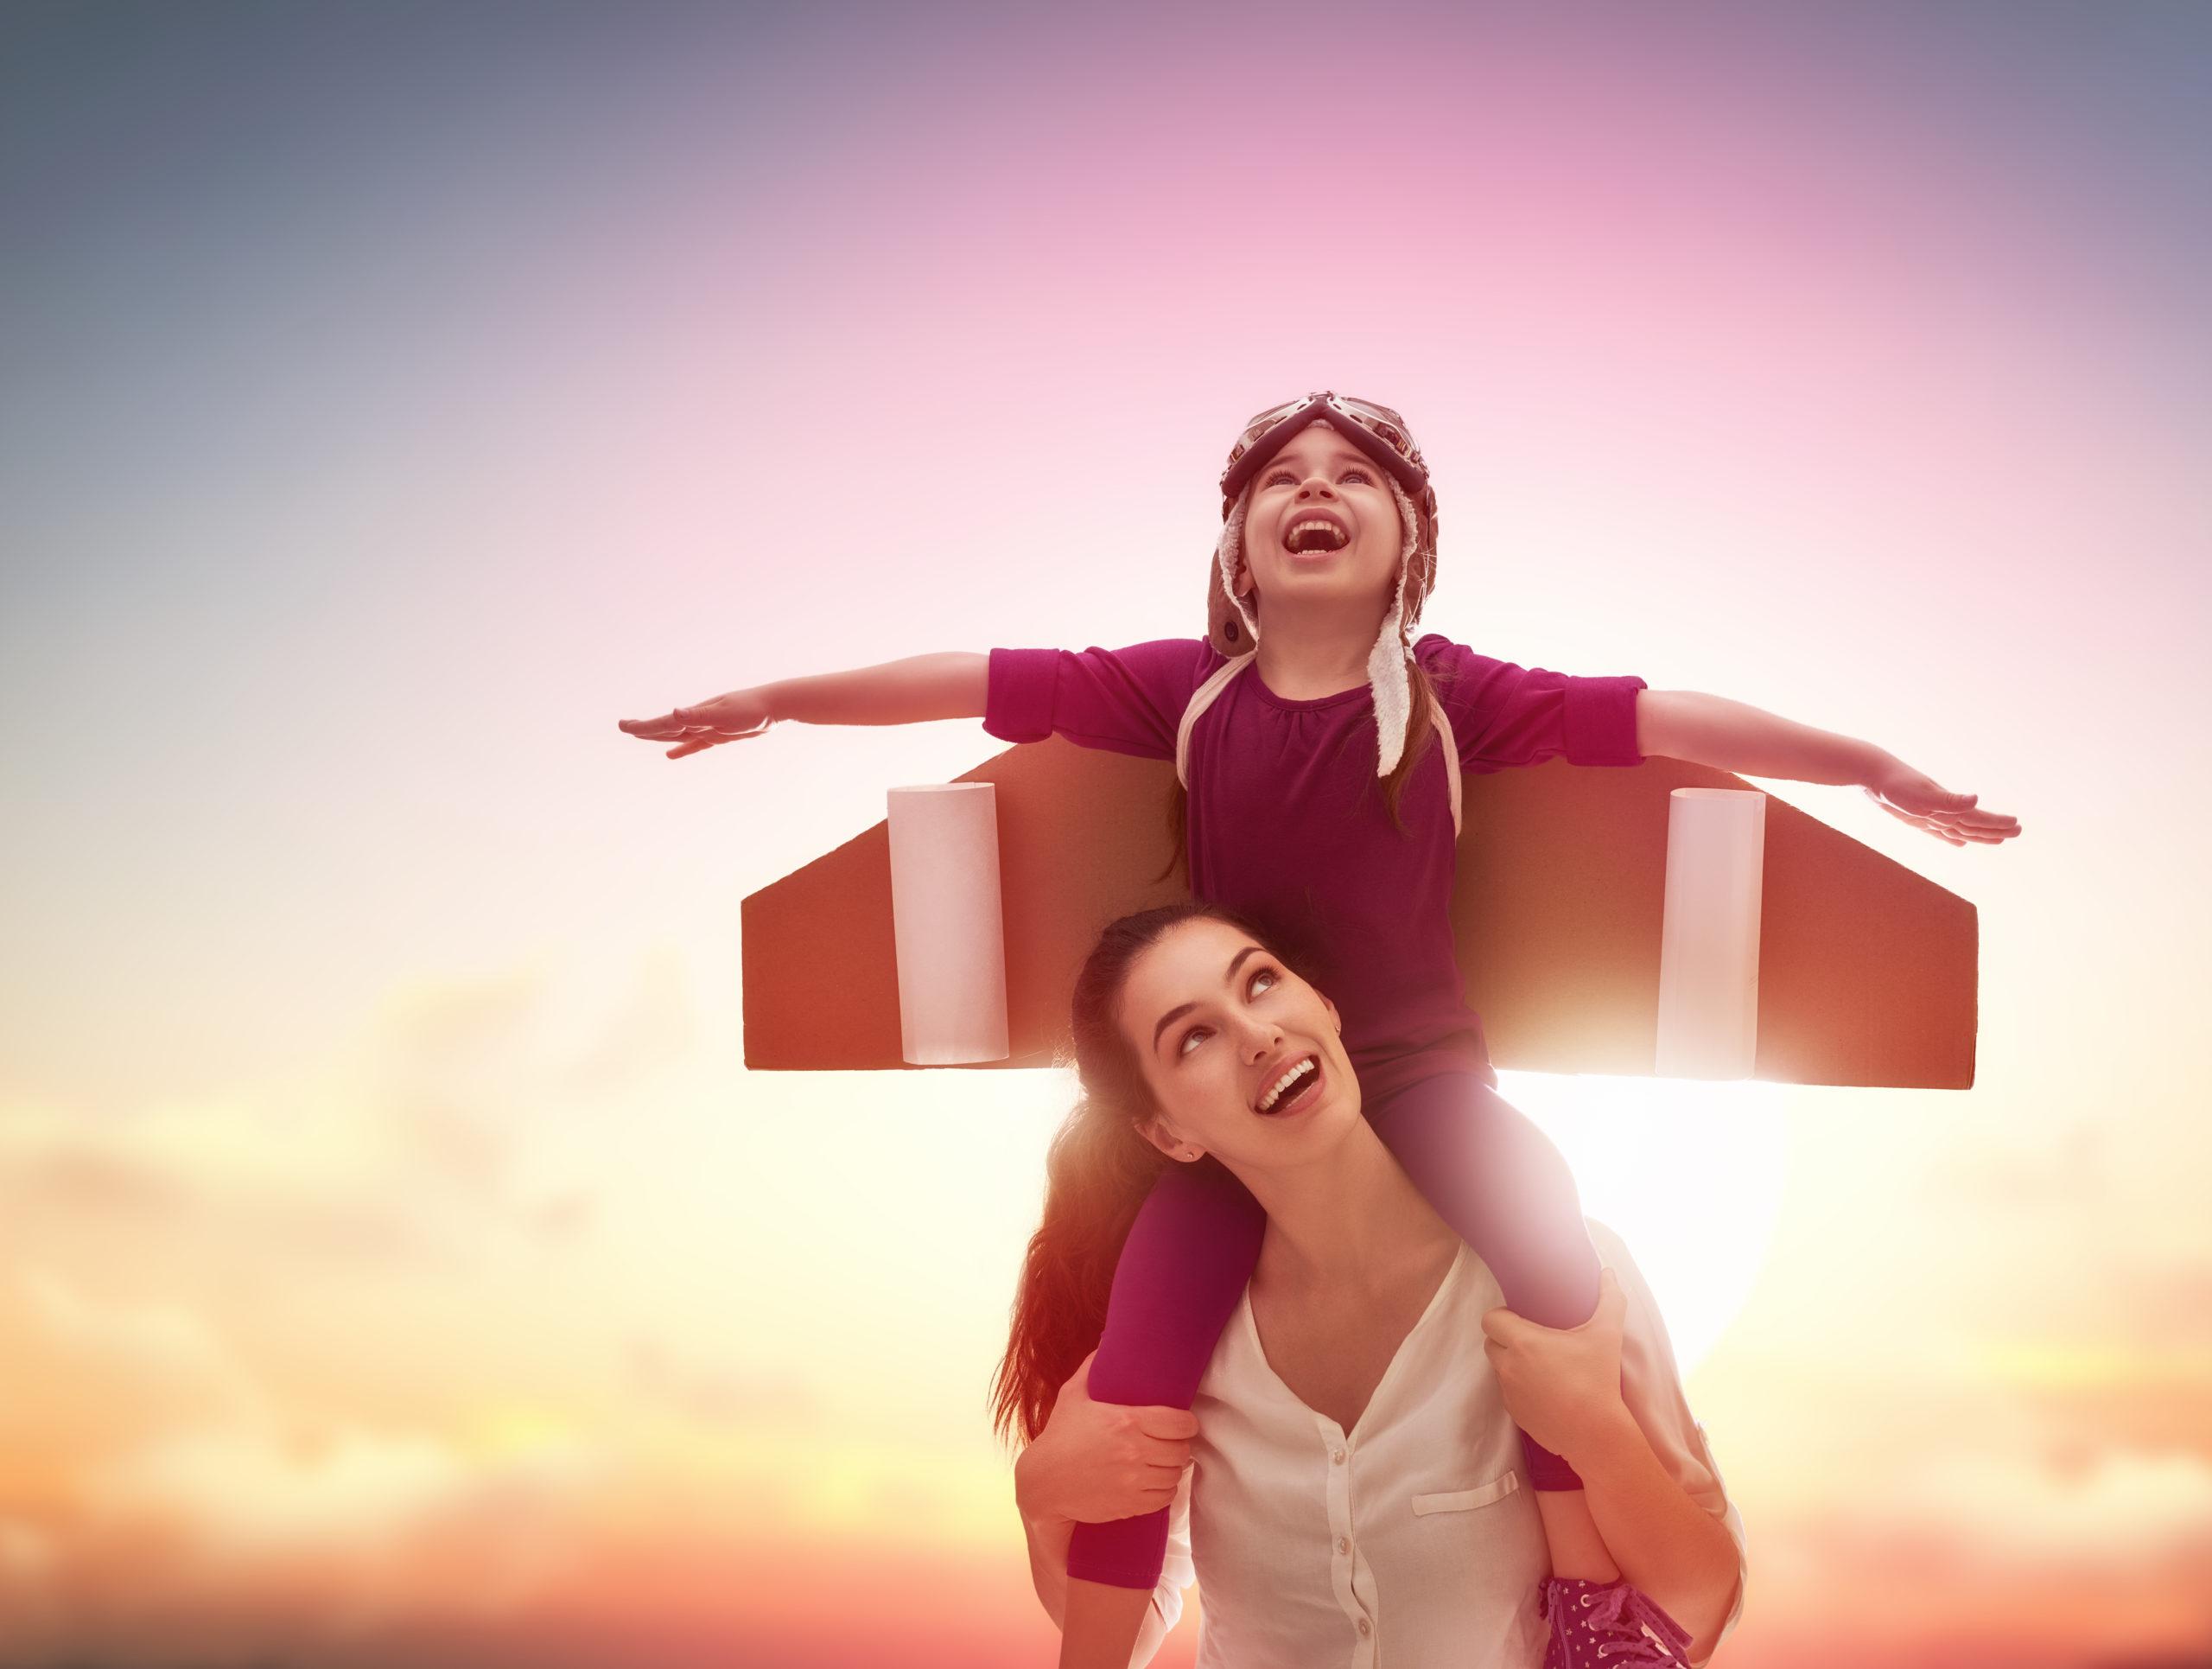 Воспитание детей, определить способности ребенка, определить таланты ребенка, кружки для ребенка, помощь ребенку в выборе профессии